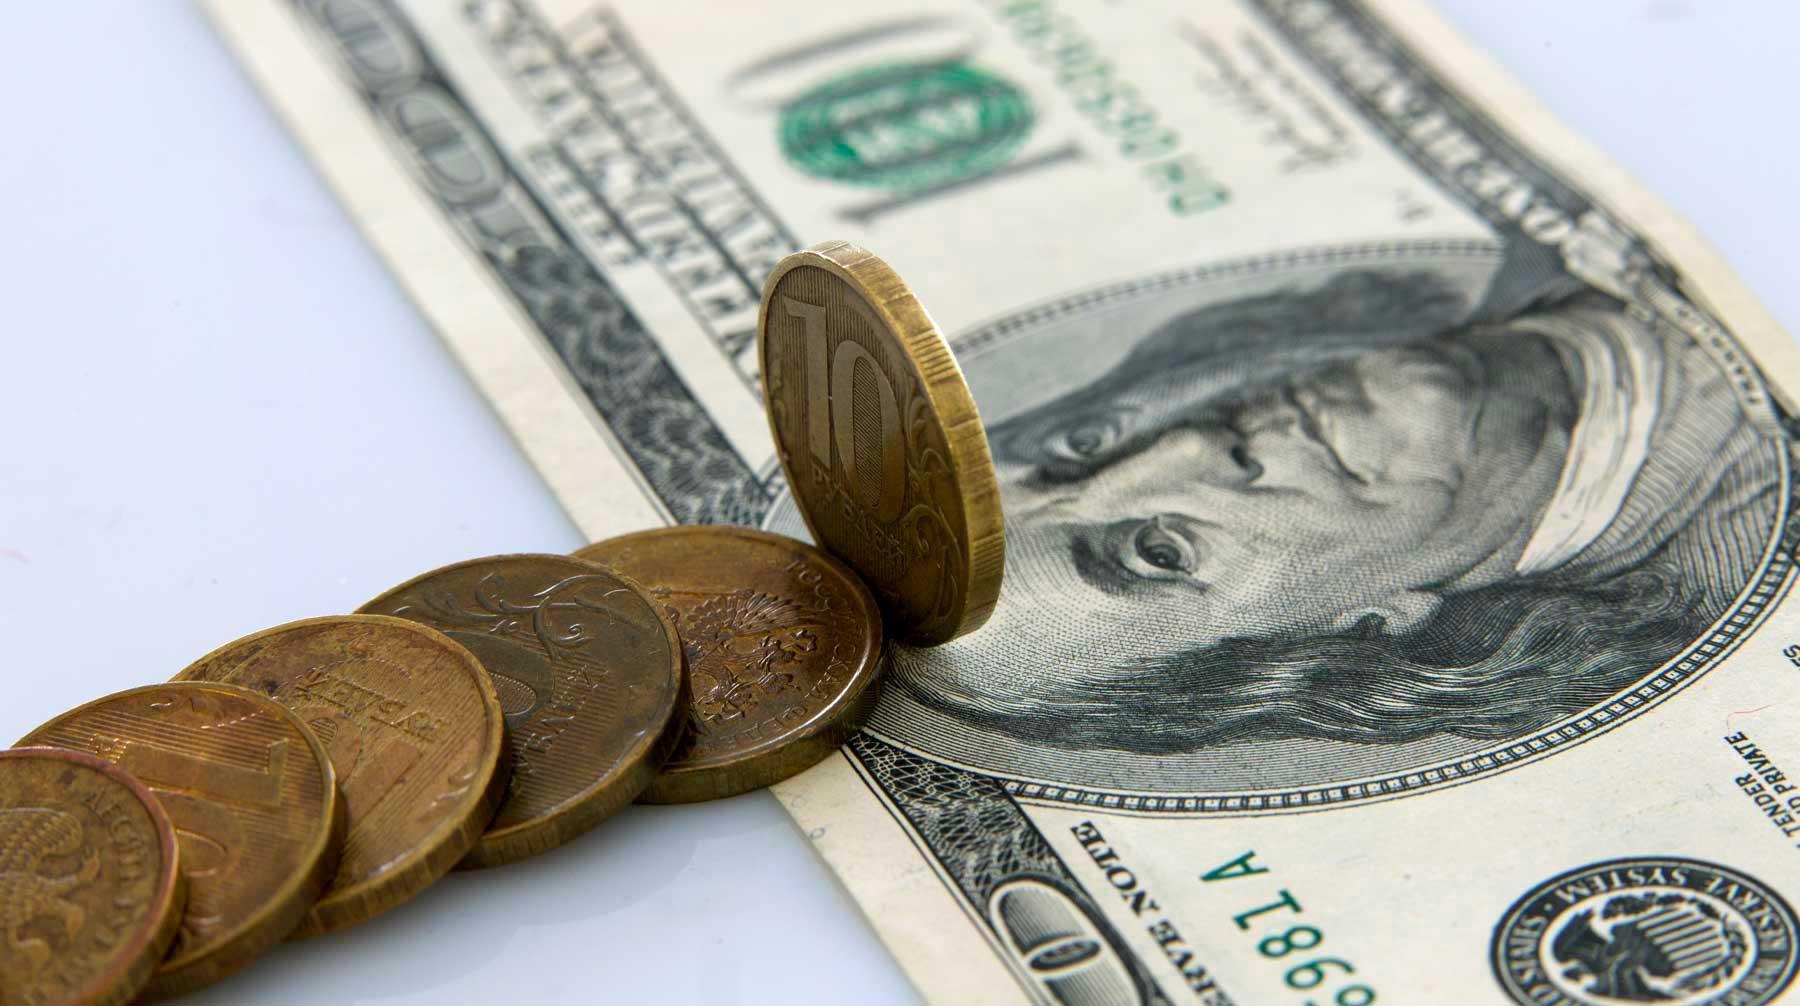 Кому в России выгоден низкий курс рубля Валюта,Мантуров,Россия,Рубль,Экономика,Россия